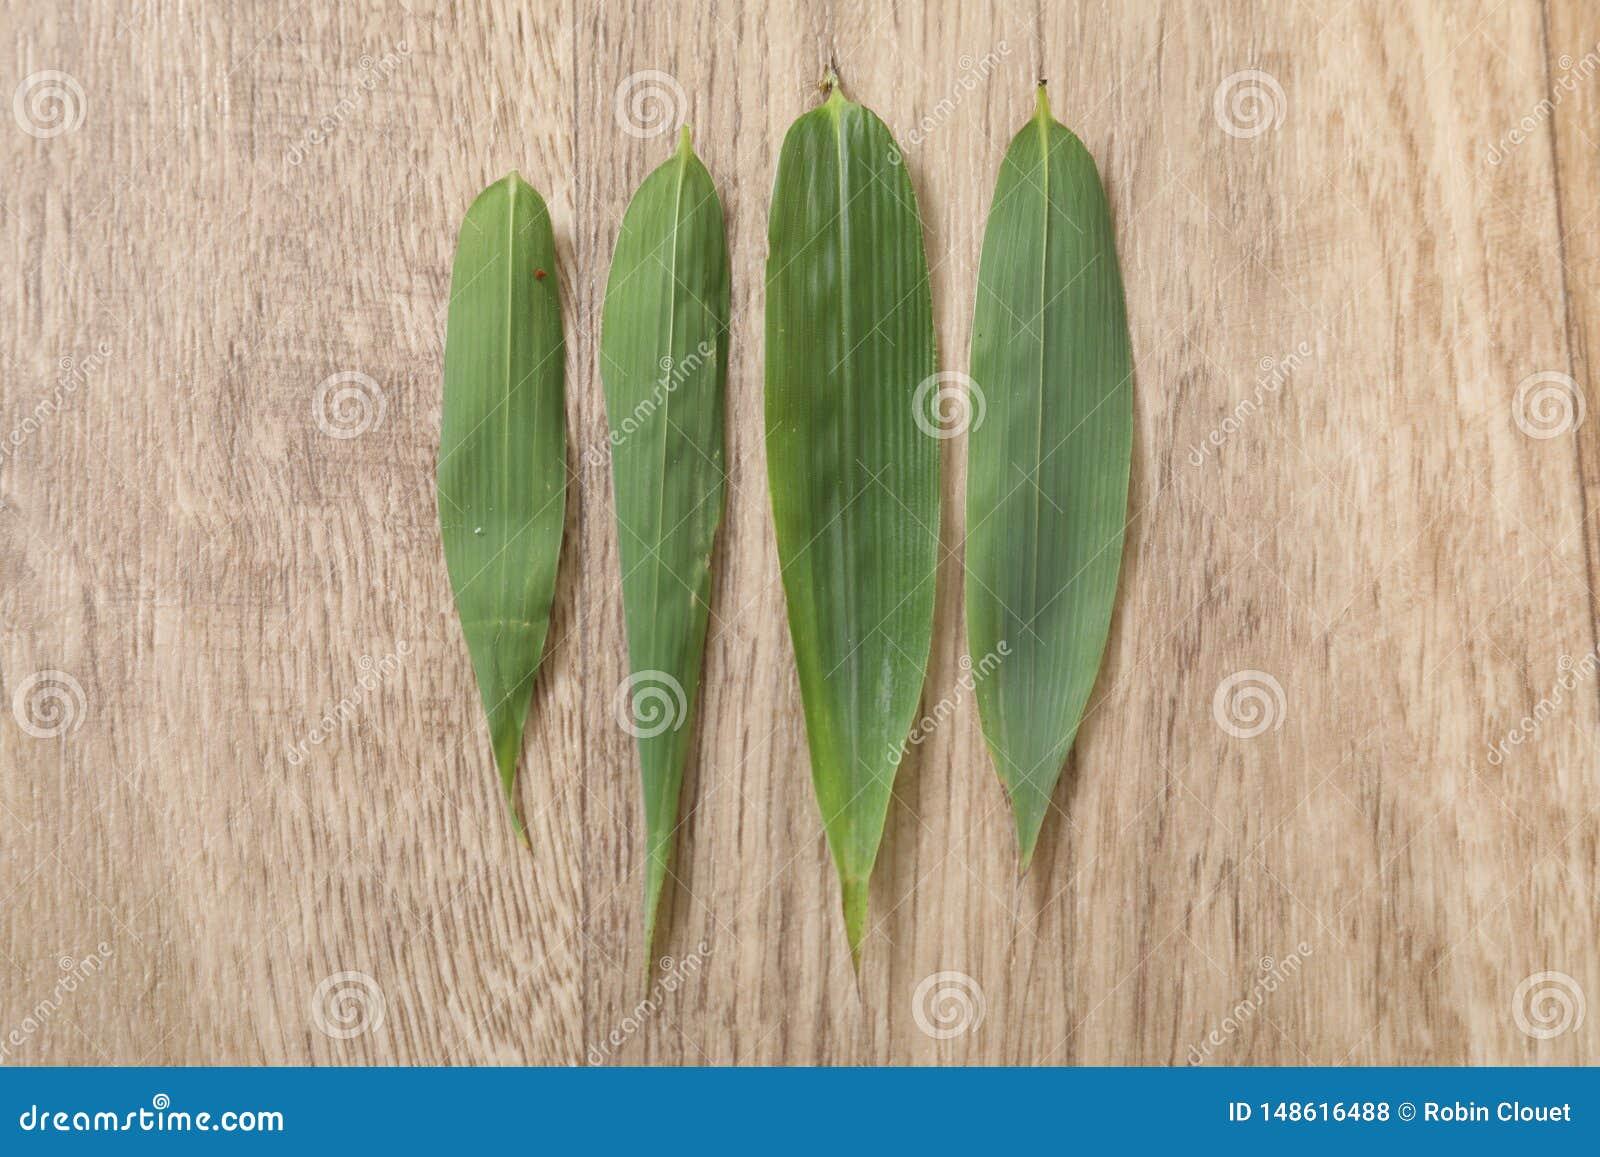 Πράσινο φύλλο bambou τέσσερα στον ξύλινο πίνακα